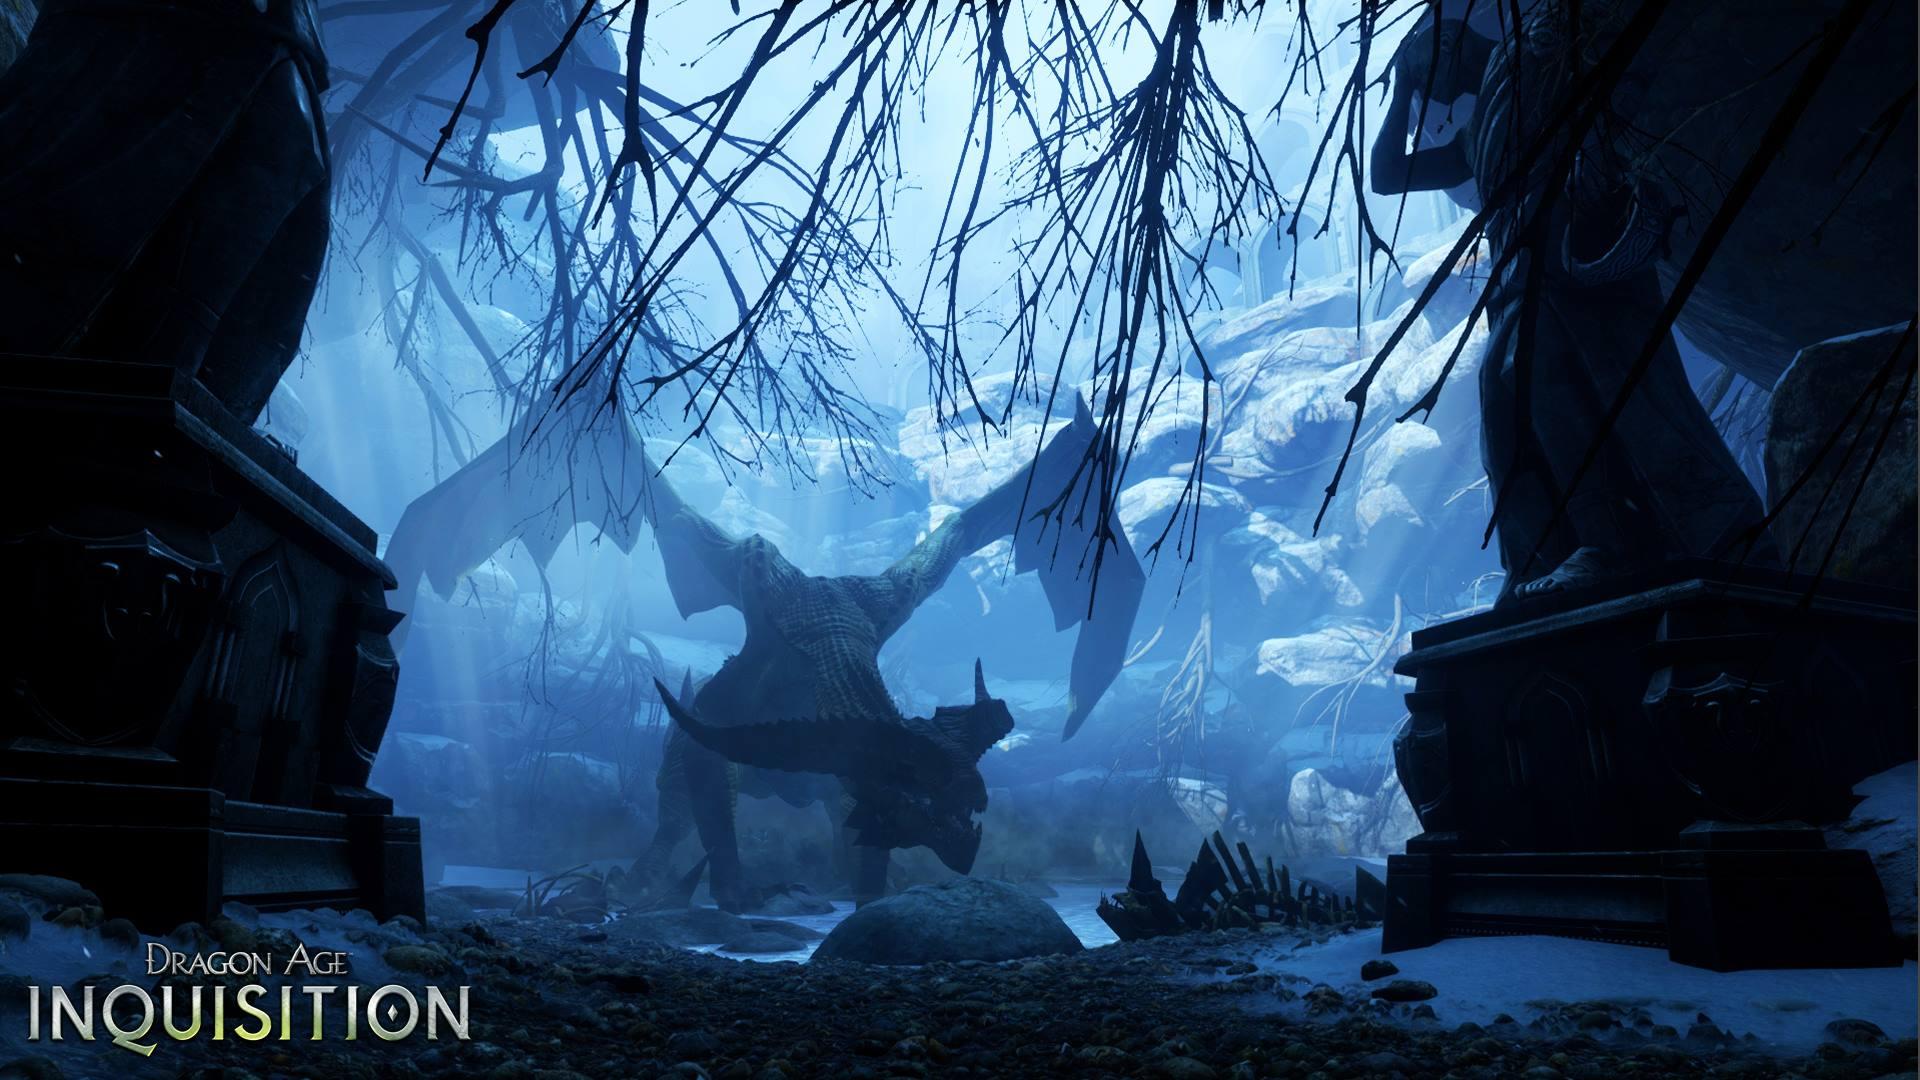 Dragon Age: Inquisition Screenshots Enter Emerald Graves, Empire du Lion #31360